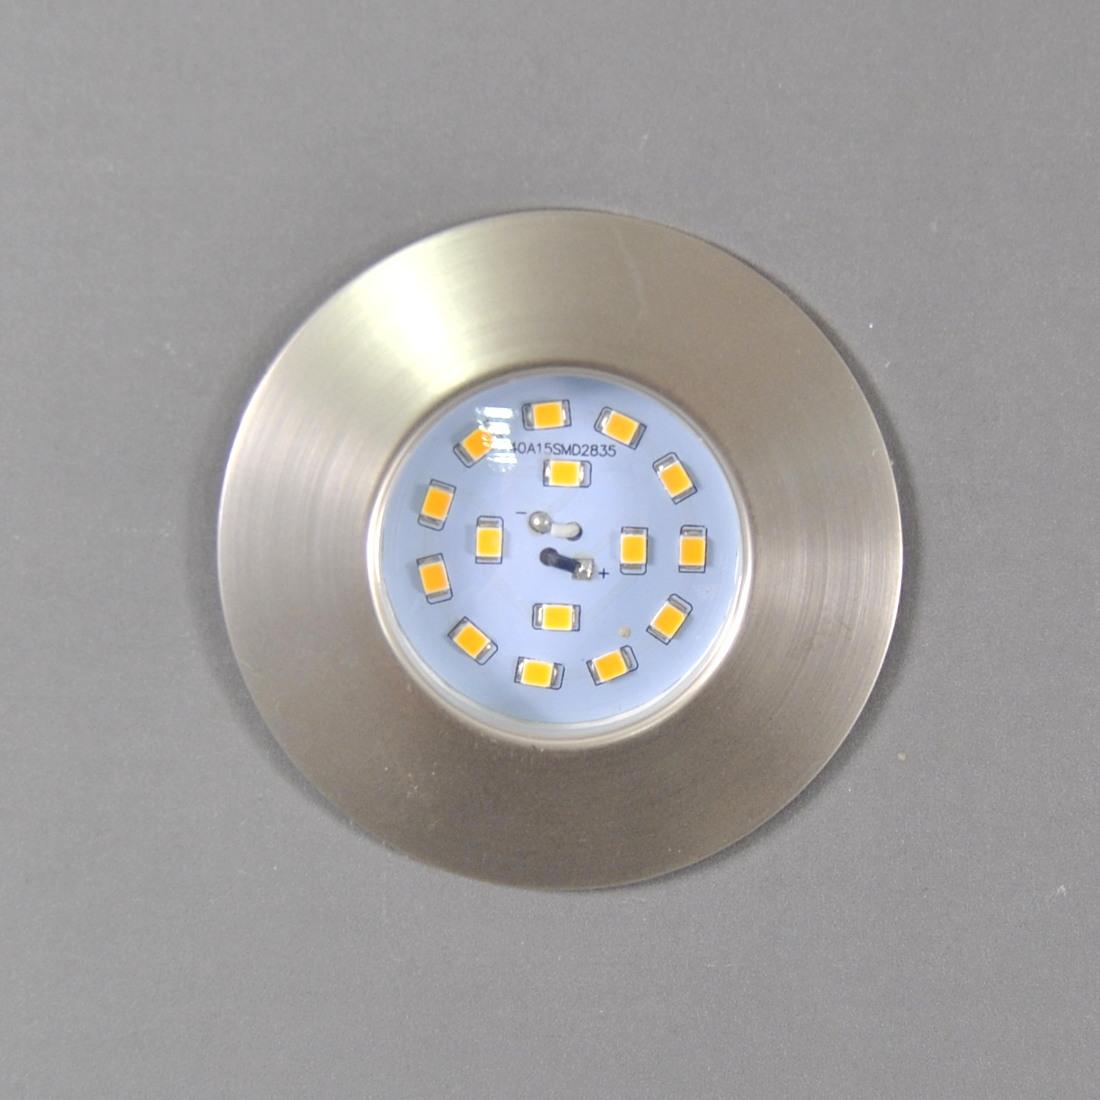 LED Einbauleuchte Darlux 61169472 Einbauspot 5W Nickel-matt IP44